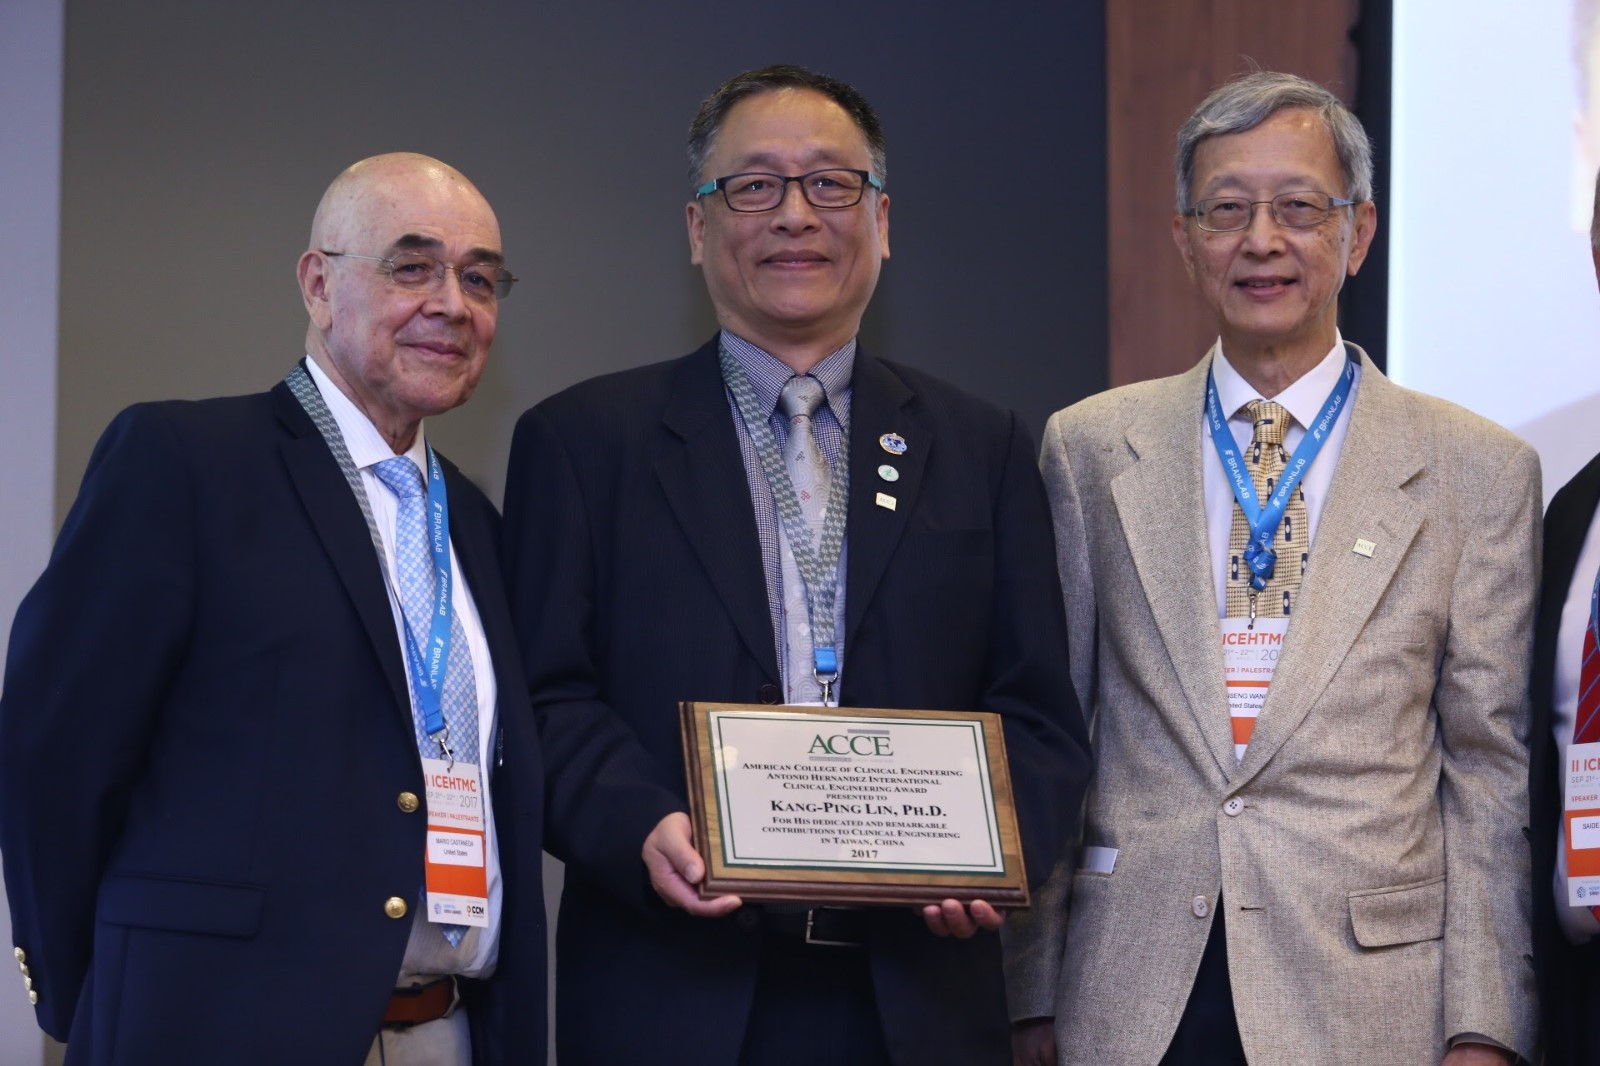 林康平特聘教授(圖中)2017年榮獲美國臨床工程師協會(ACCE)頒發國際臨床工程獎.JPG